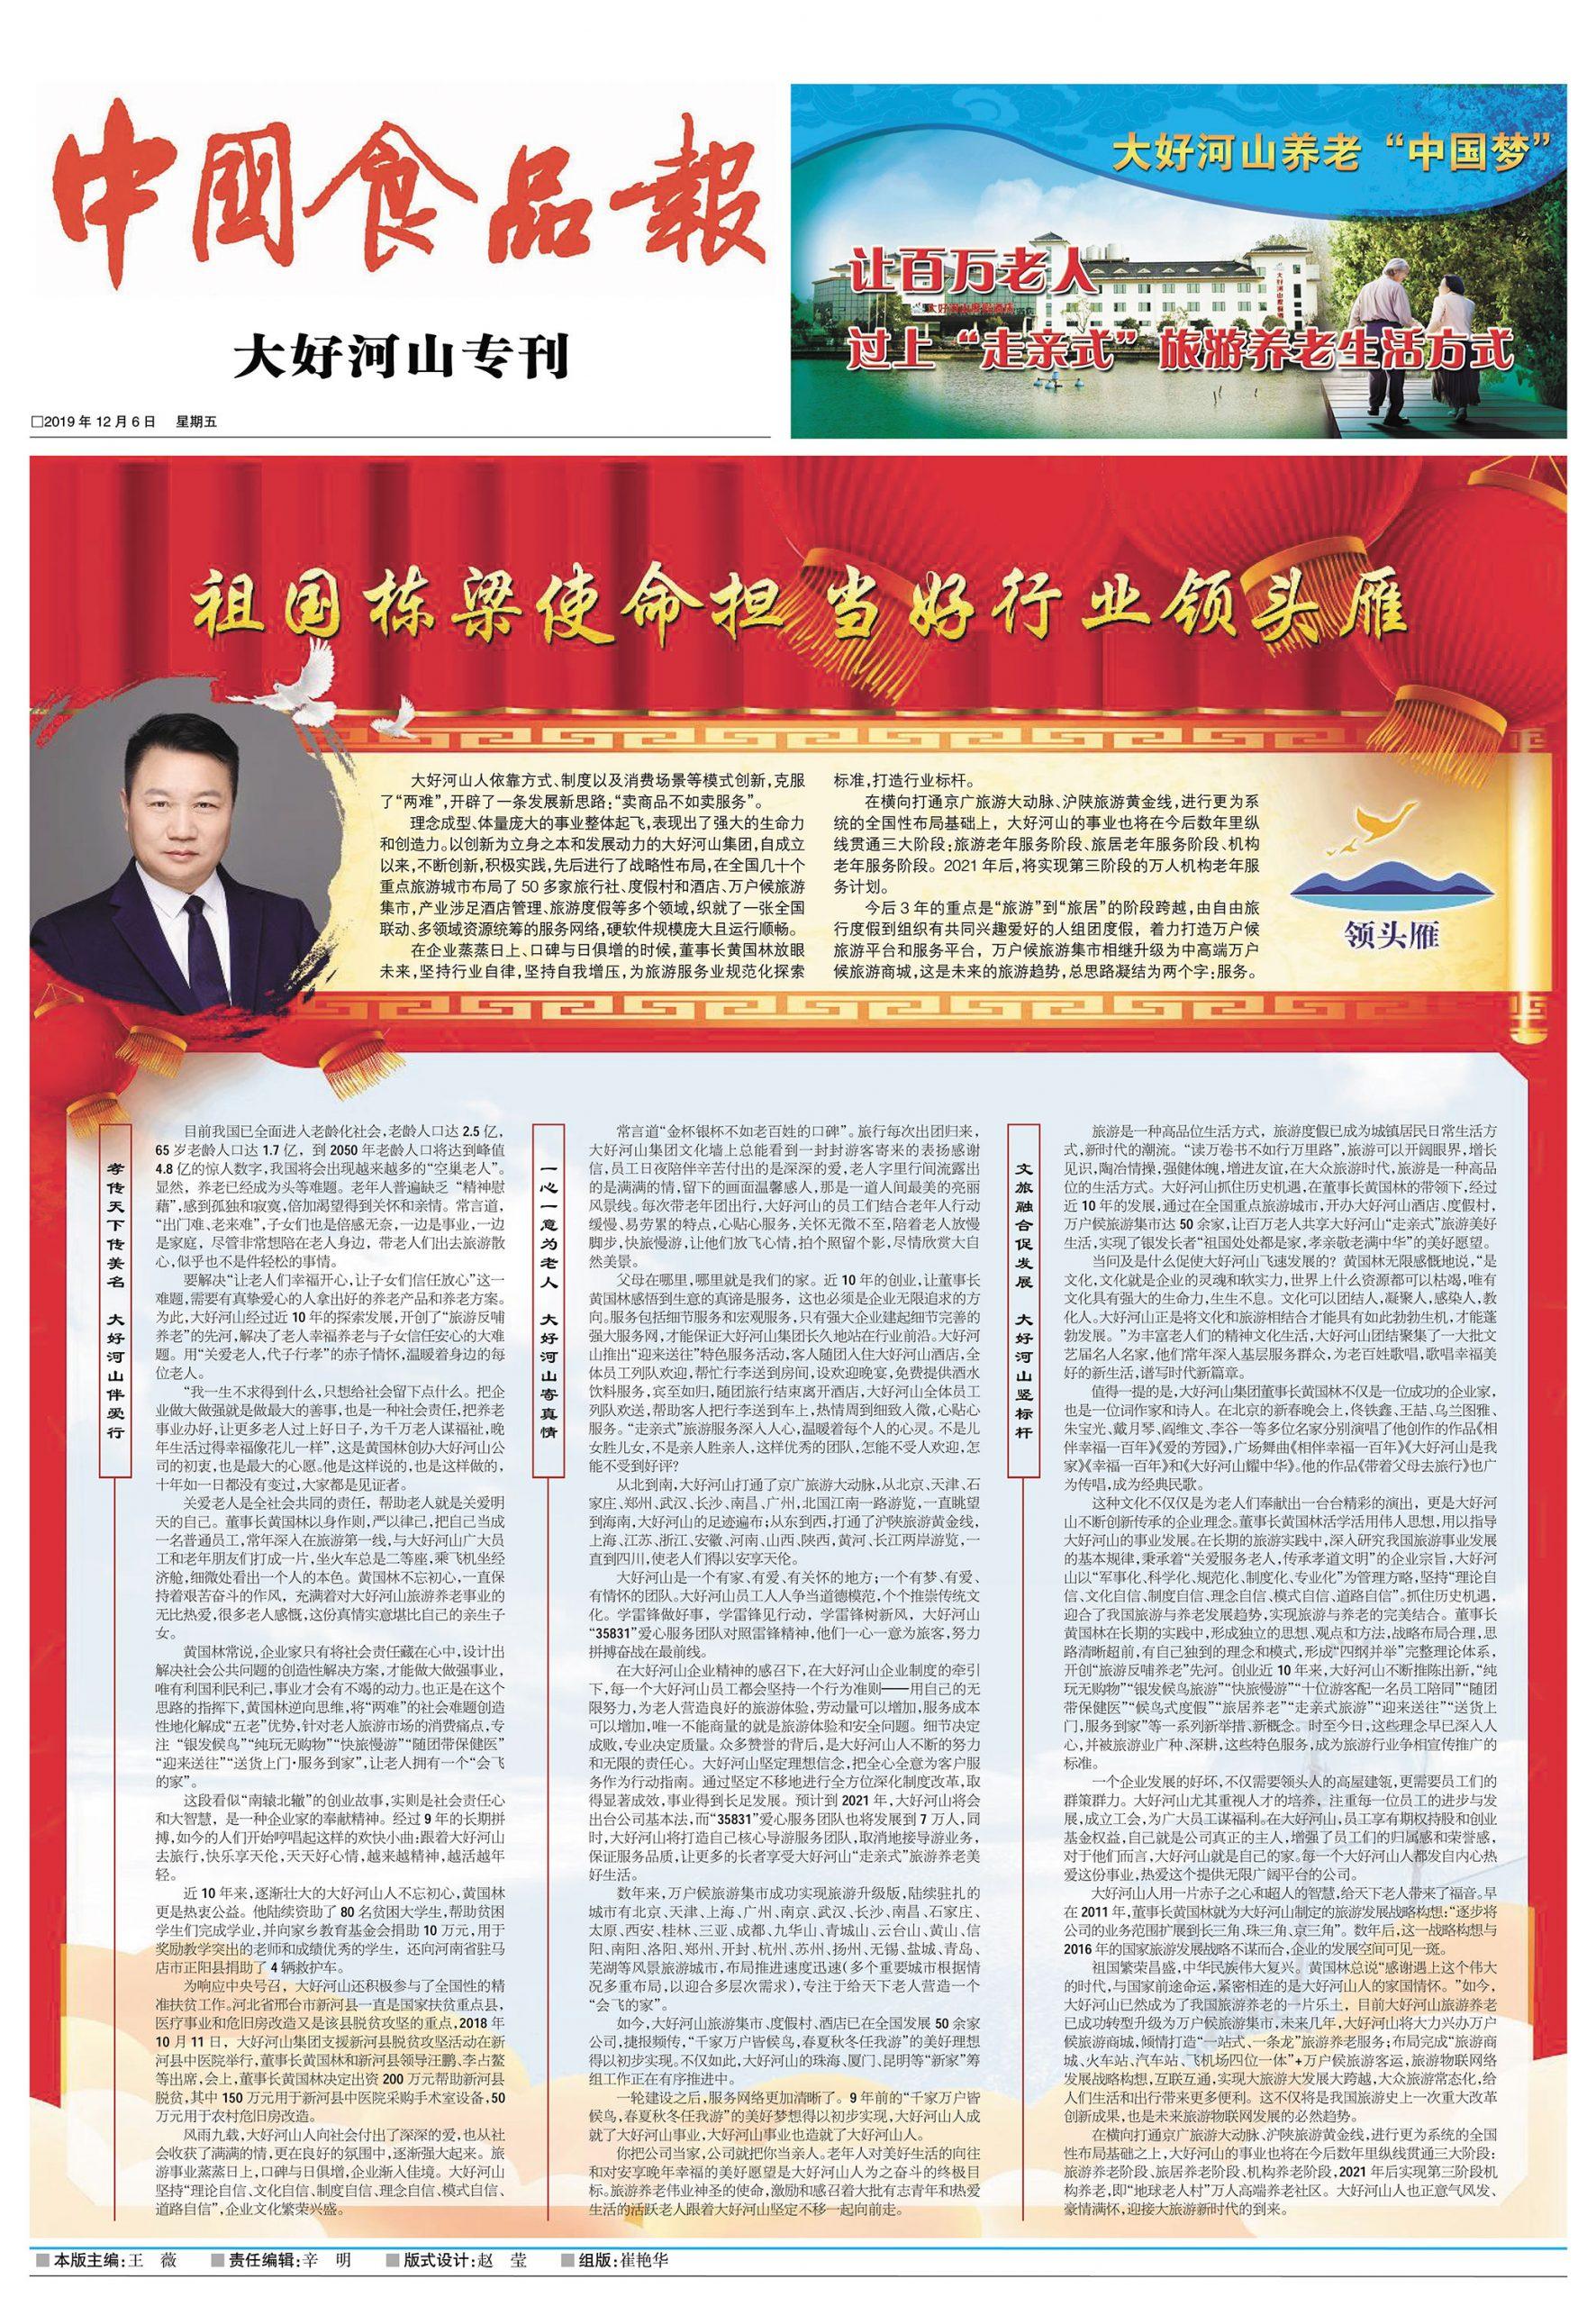 中国食品报 2019-12-06 专刊